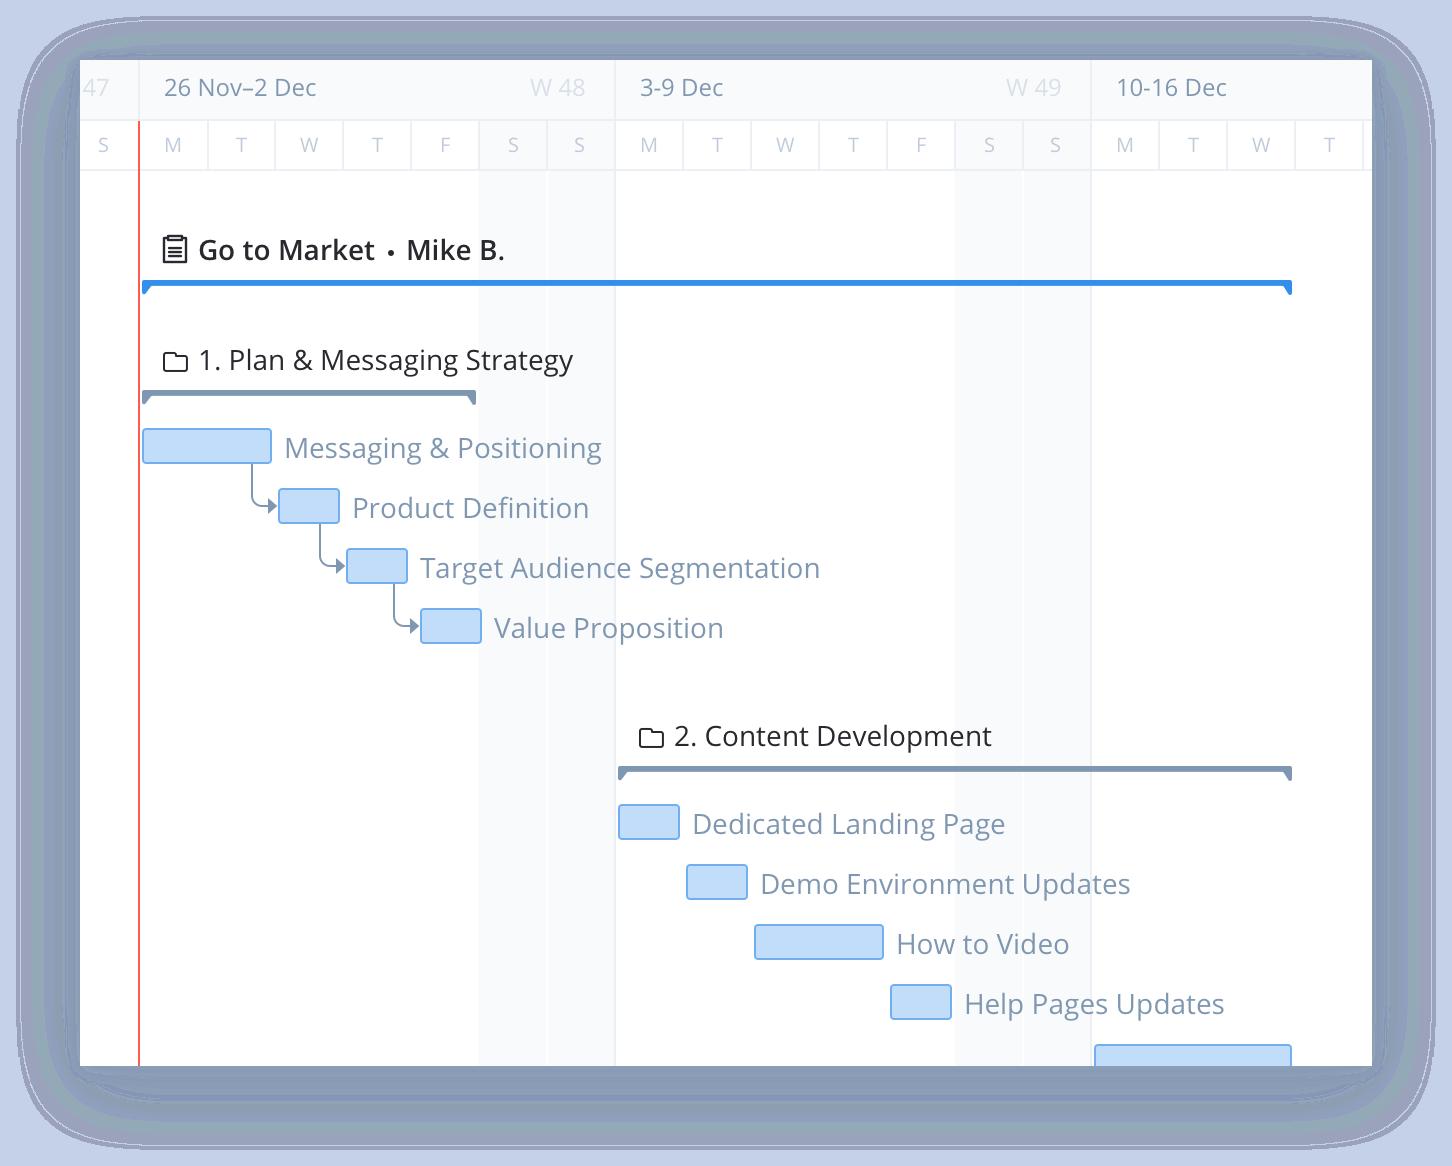 Project_Management_Gantt_Chart_Excel_6